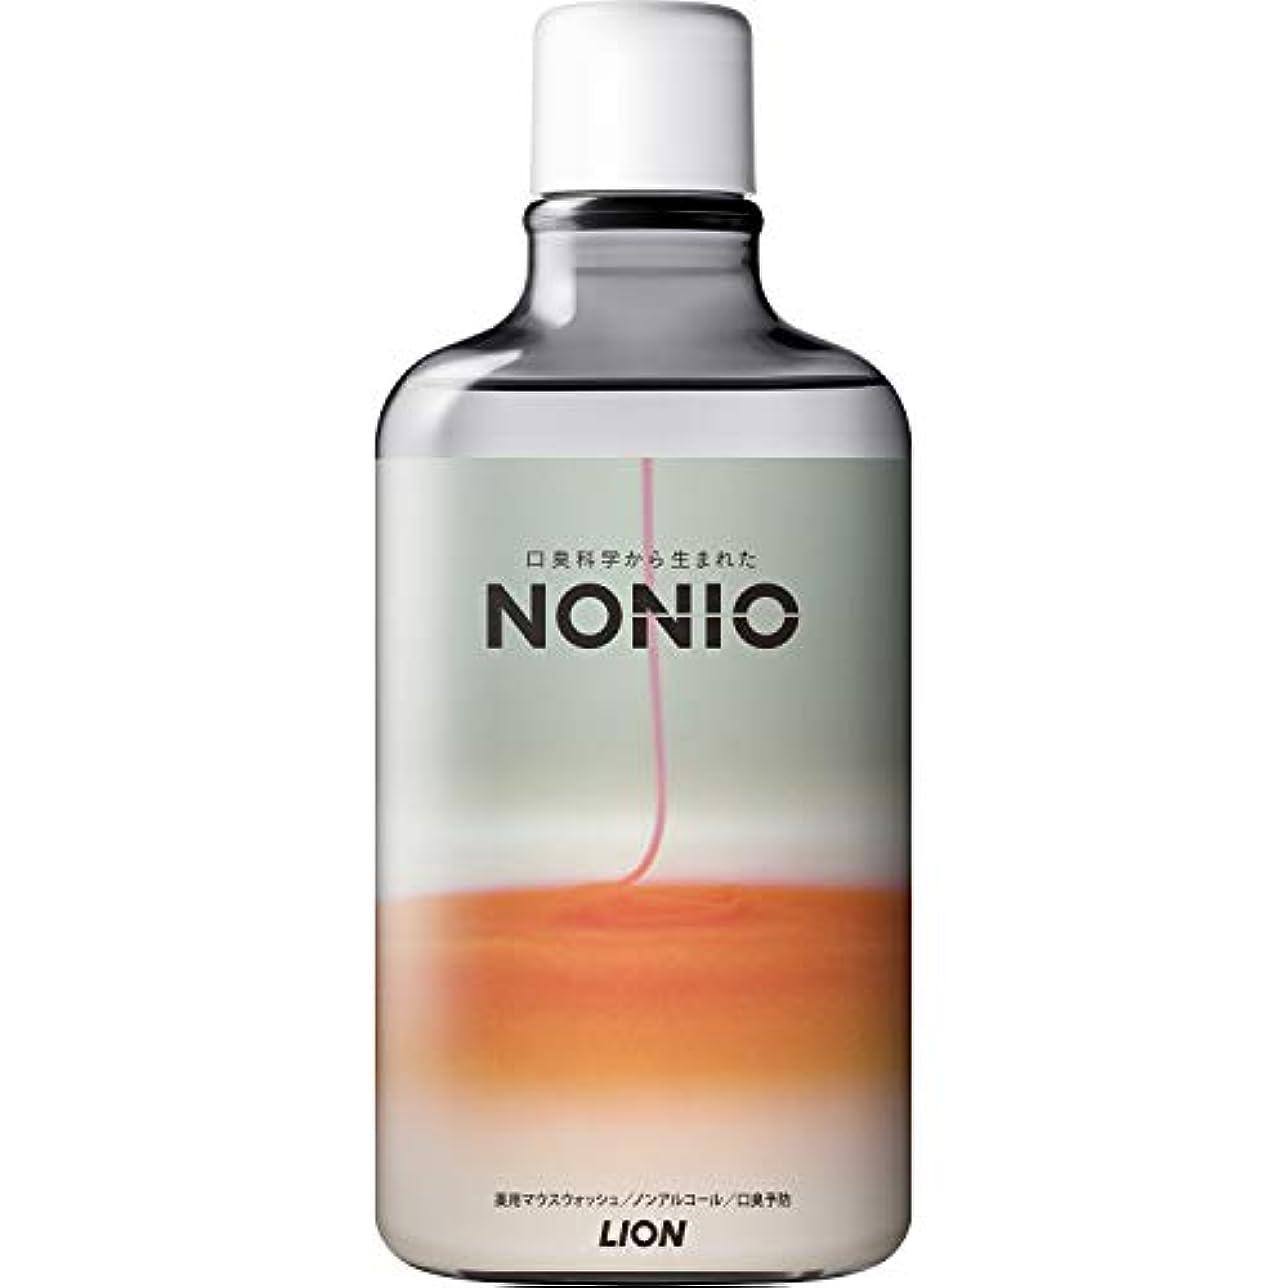 クリック学期クリップNONIO(ノニオ) マウスウォッシュ ノンアルコール ライトハーブミント 2019限定デザイン品 600ml デザイン品